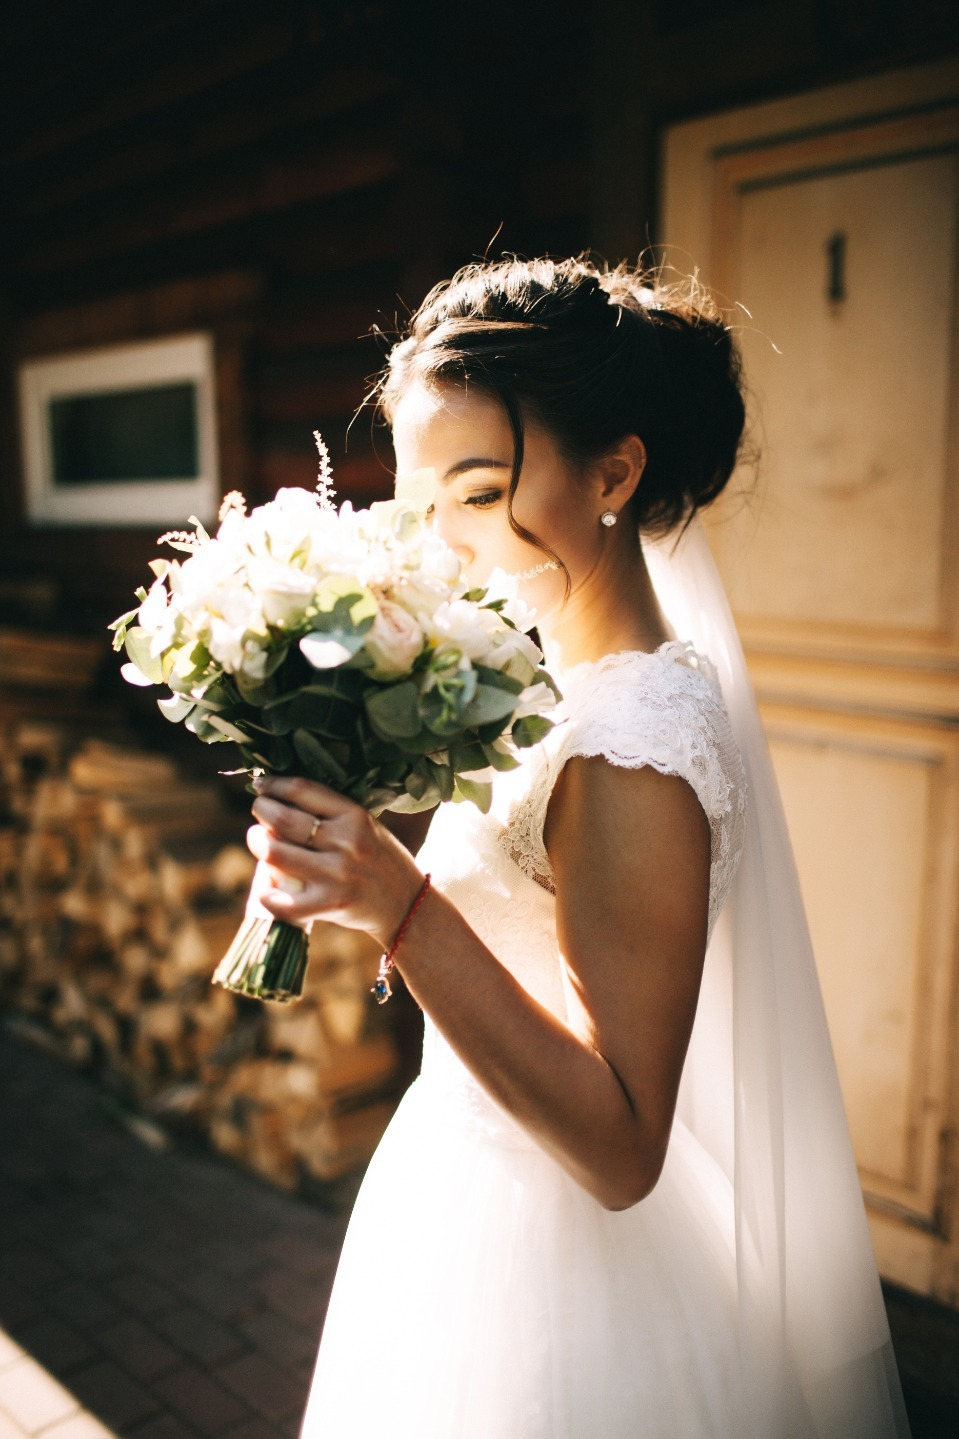 Классическая романтика: свадьба в розовом цвете